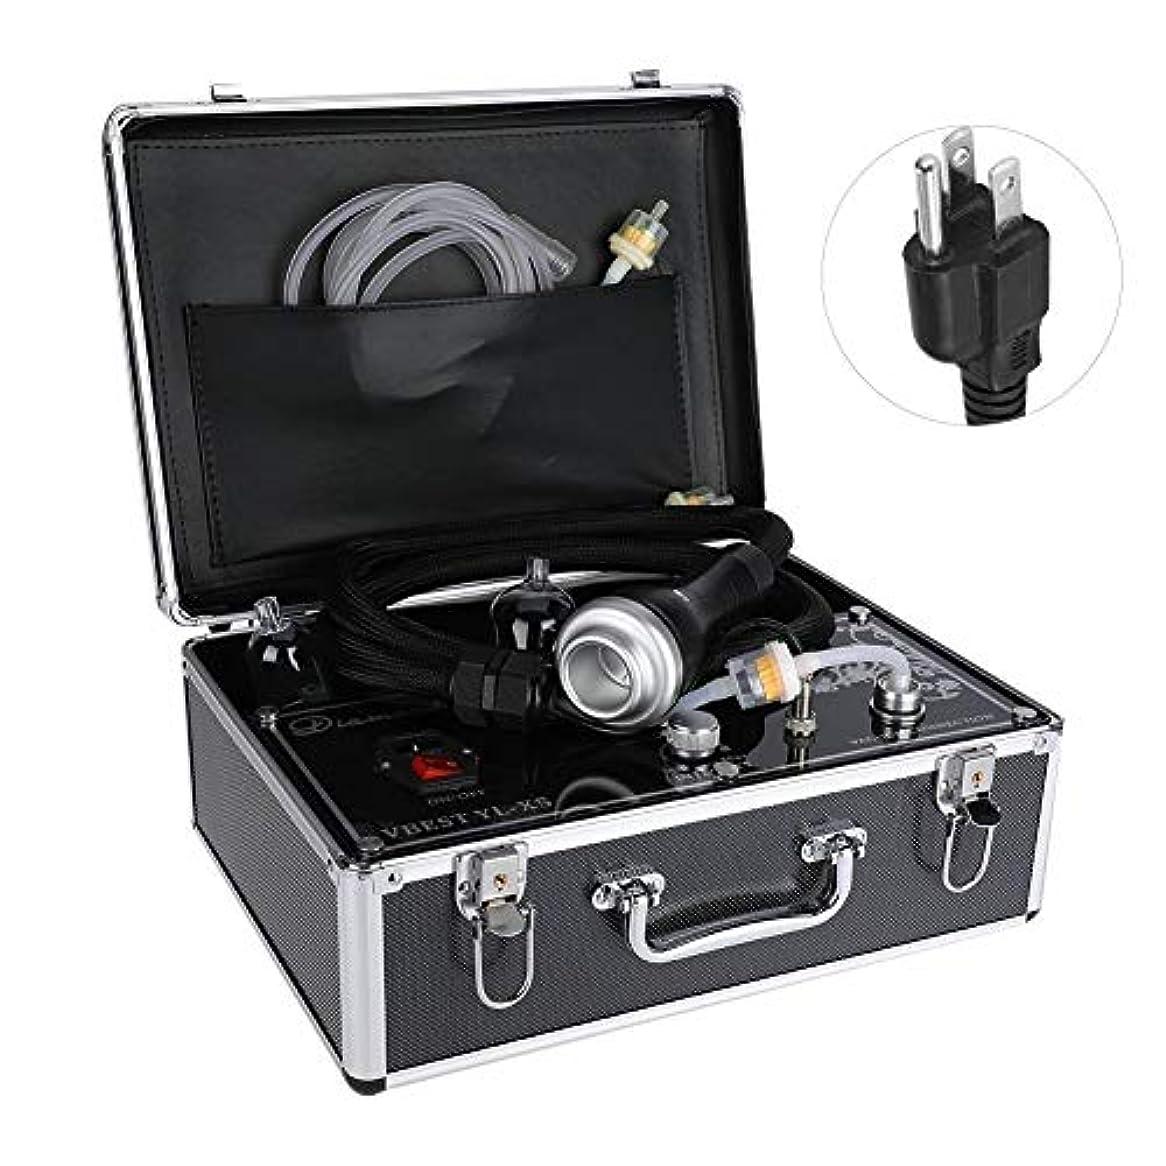 ステレオタイプ気候アレキサンダーグラハムベル否定的な圧力マッサージャー、ボディ解毒の浚渫の痛みのための熱い圧縮のこするカッピング療法の電気マッサージャー(US Plug)